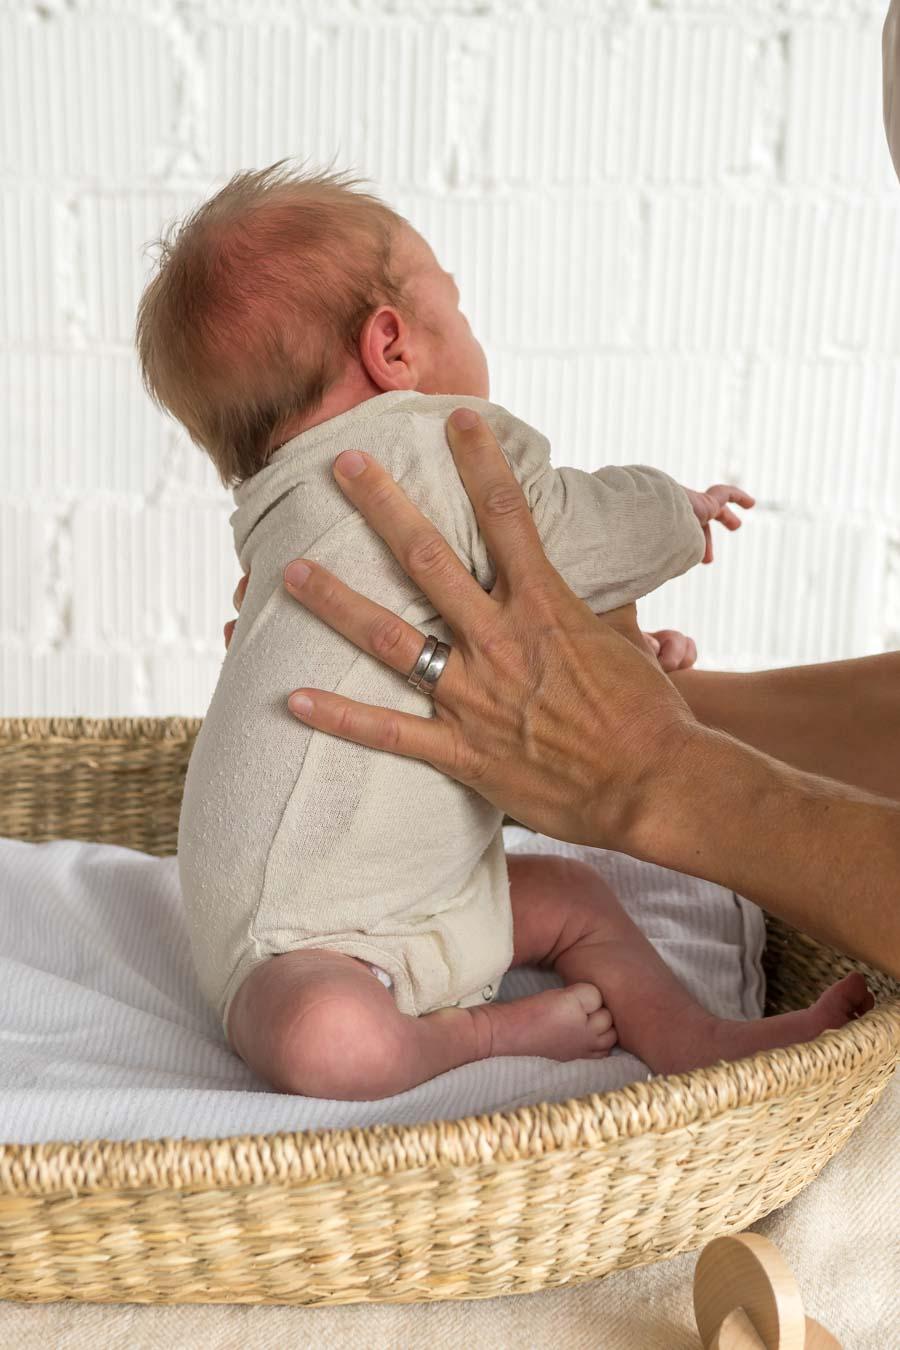 Kinästhethik Infant Handling: Neugeborene wickeln, Baby Windeln wechseln, Neugeborene richtig wickeln, sicher hinlegen und aufnehmen, achtsame Pflege, ganze Anleitung auf dem Blog www.chezmamapoule.com #wickeln #baby #anleitung #neugeborene #windeln #wechseln #infanthandling #kinaethethic #kinaesthetik